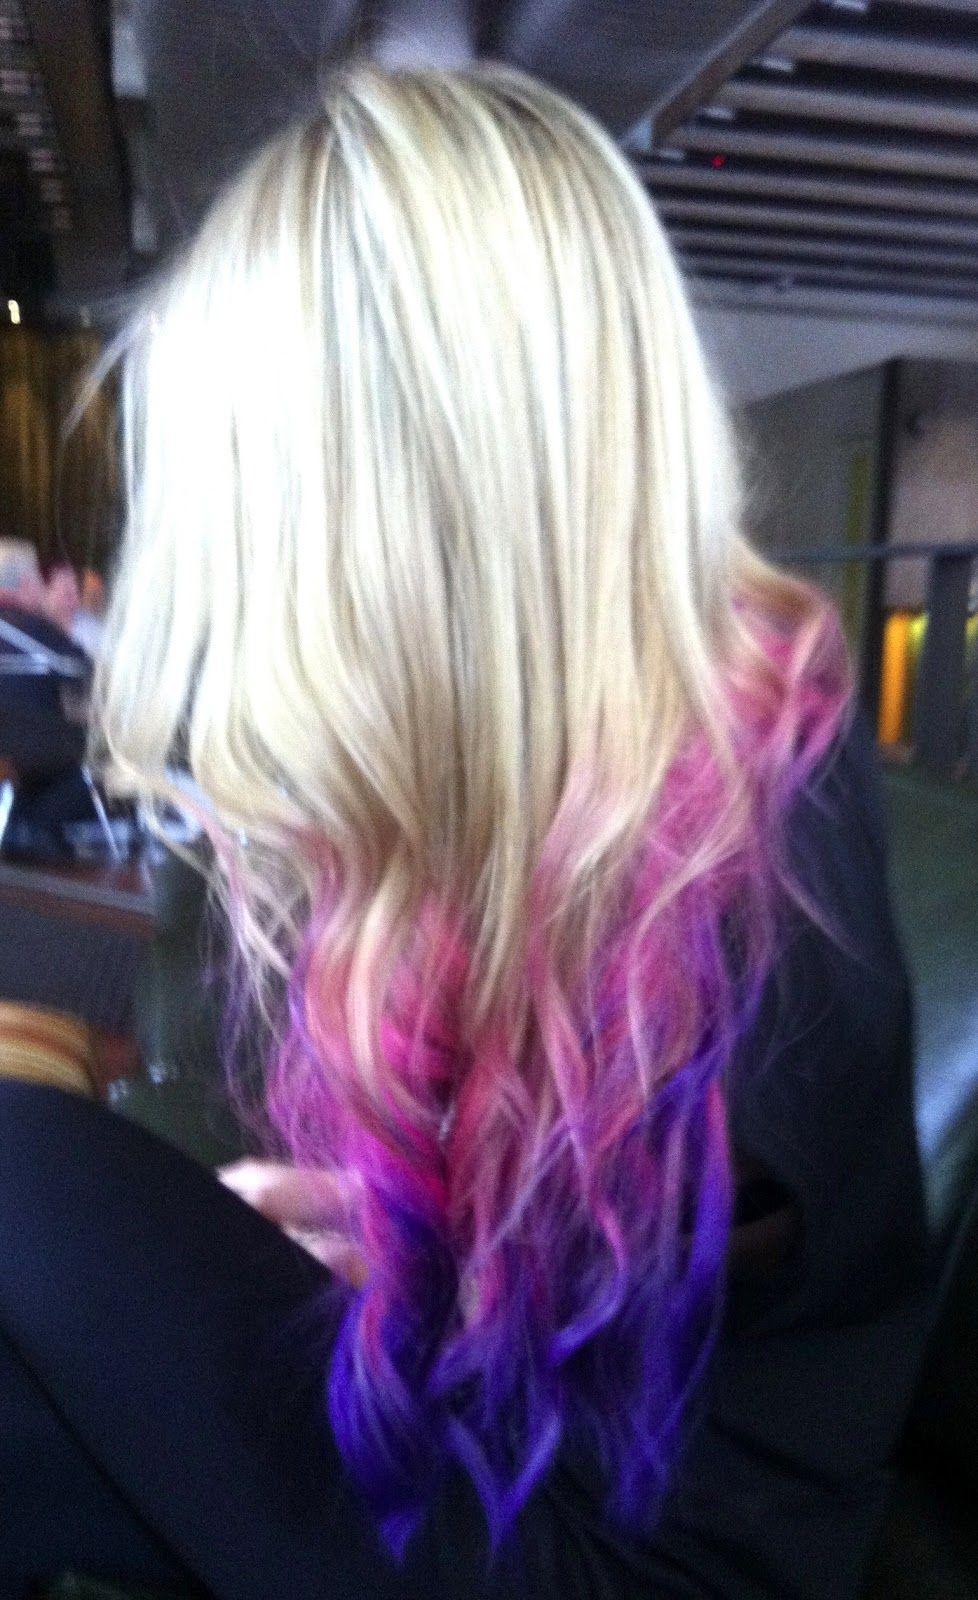 Pin By Susan Maciariello On Hair Dip Dye Hair Hair Styles Ombre Hair